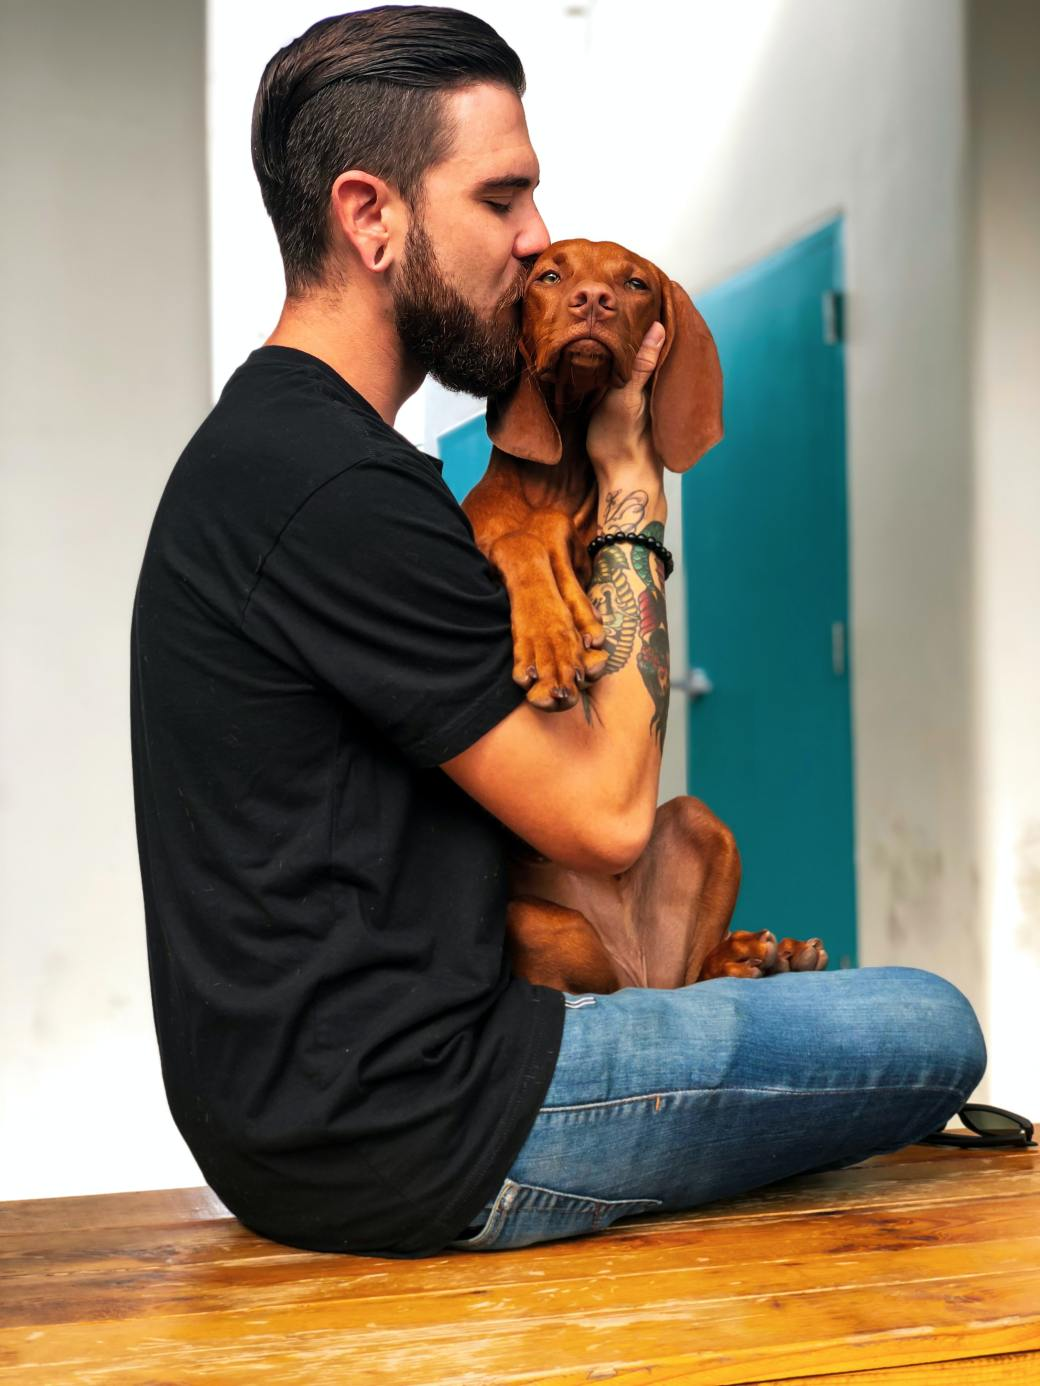 photo-of-man-kissing-his-dog-2745151